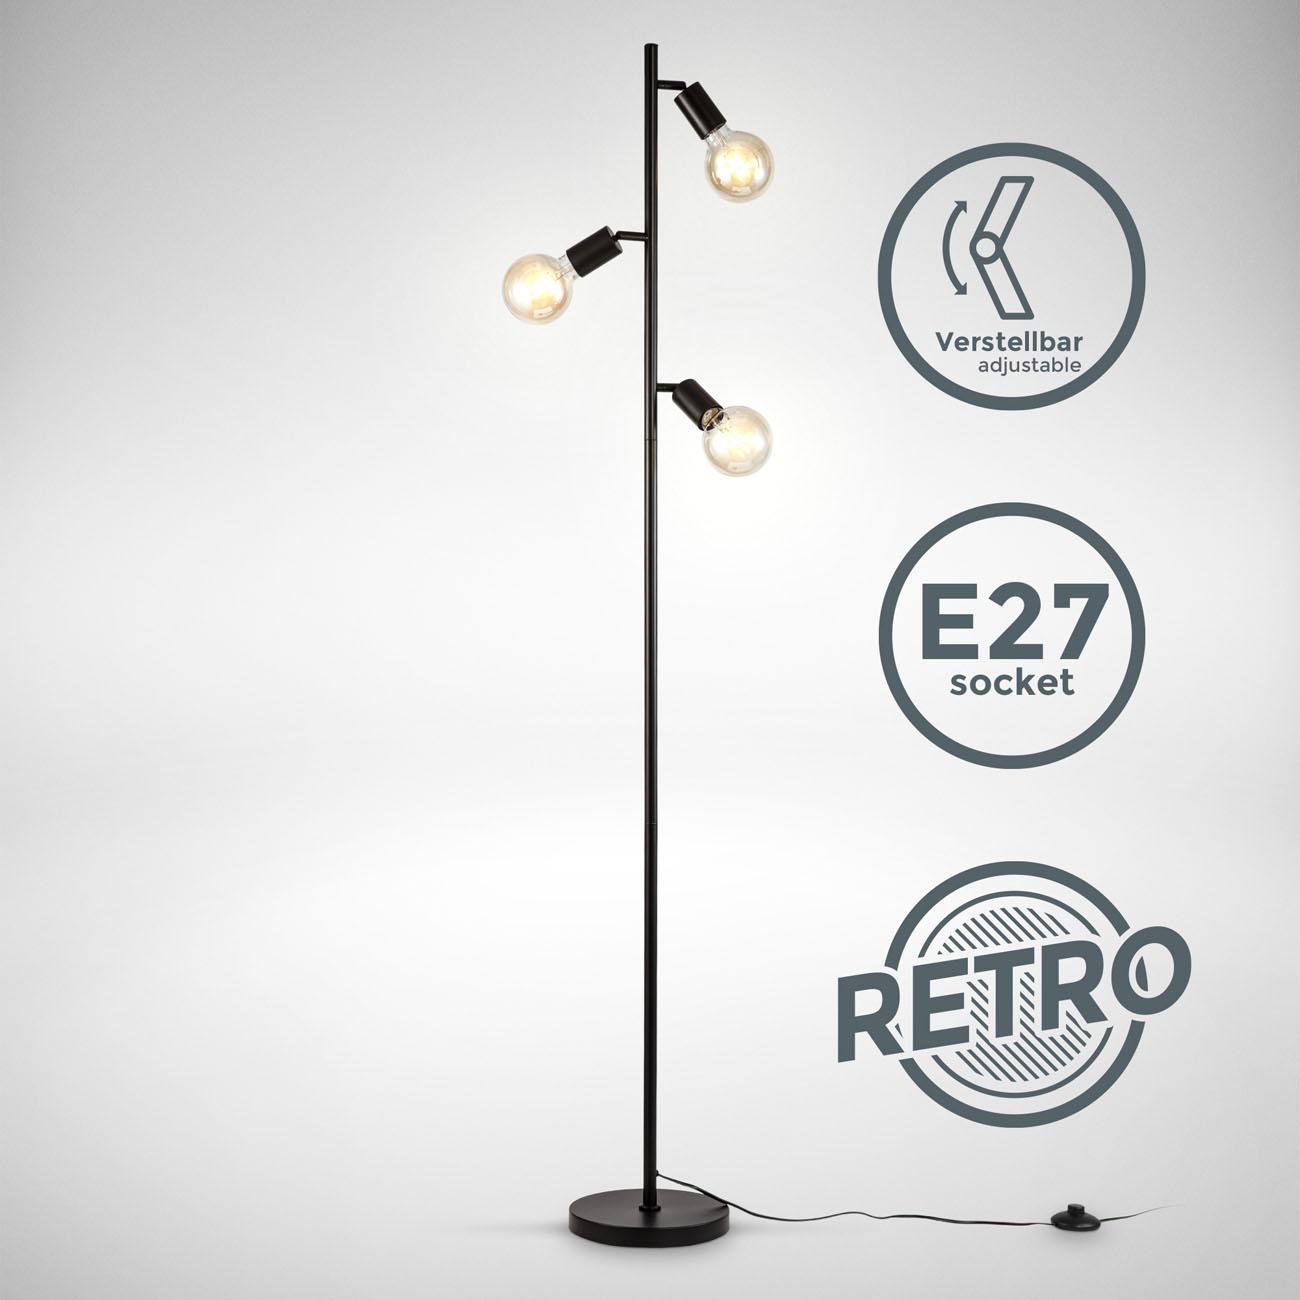 Metall Stehleuchte im Retro Design schwarz 3xE27 - 3